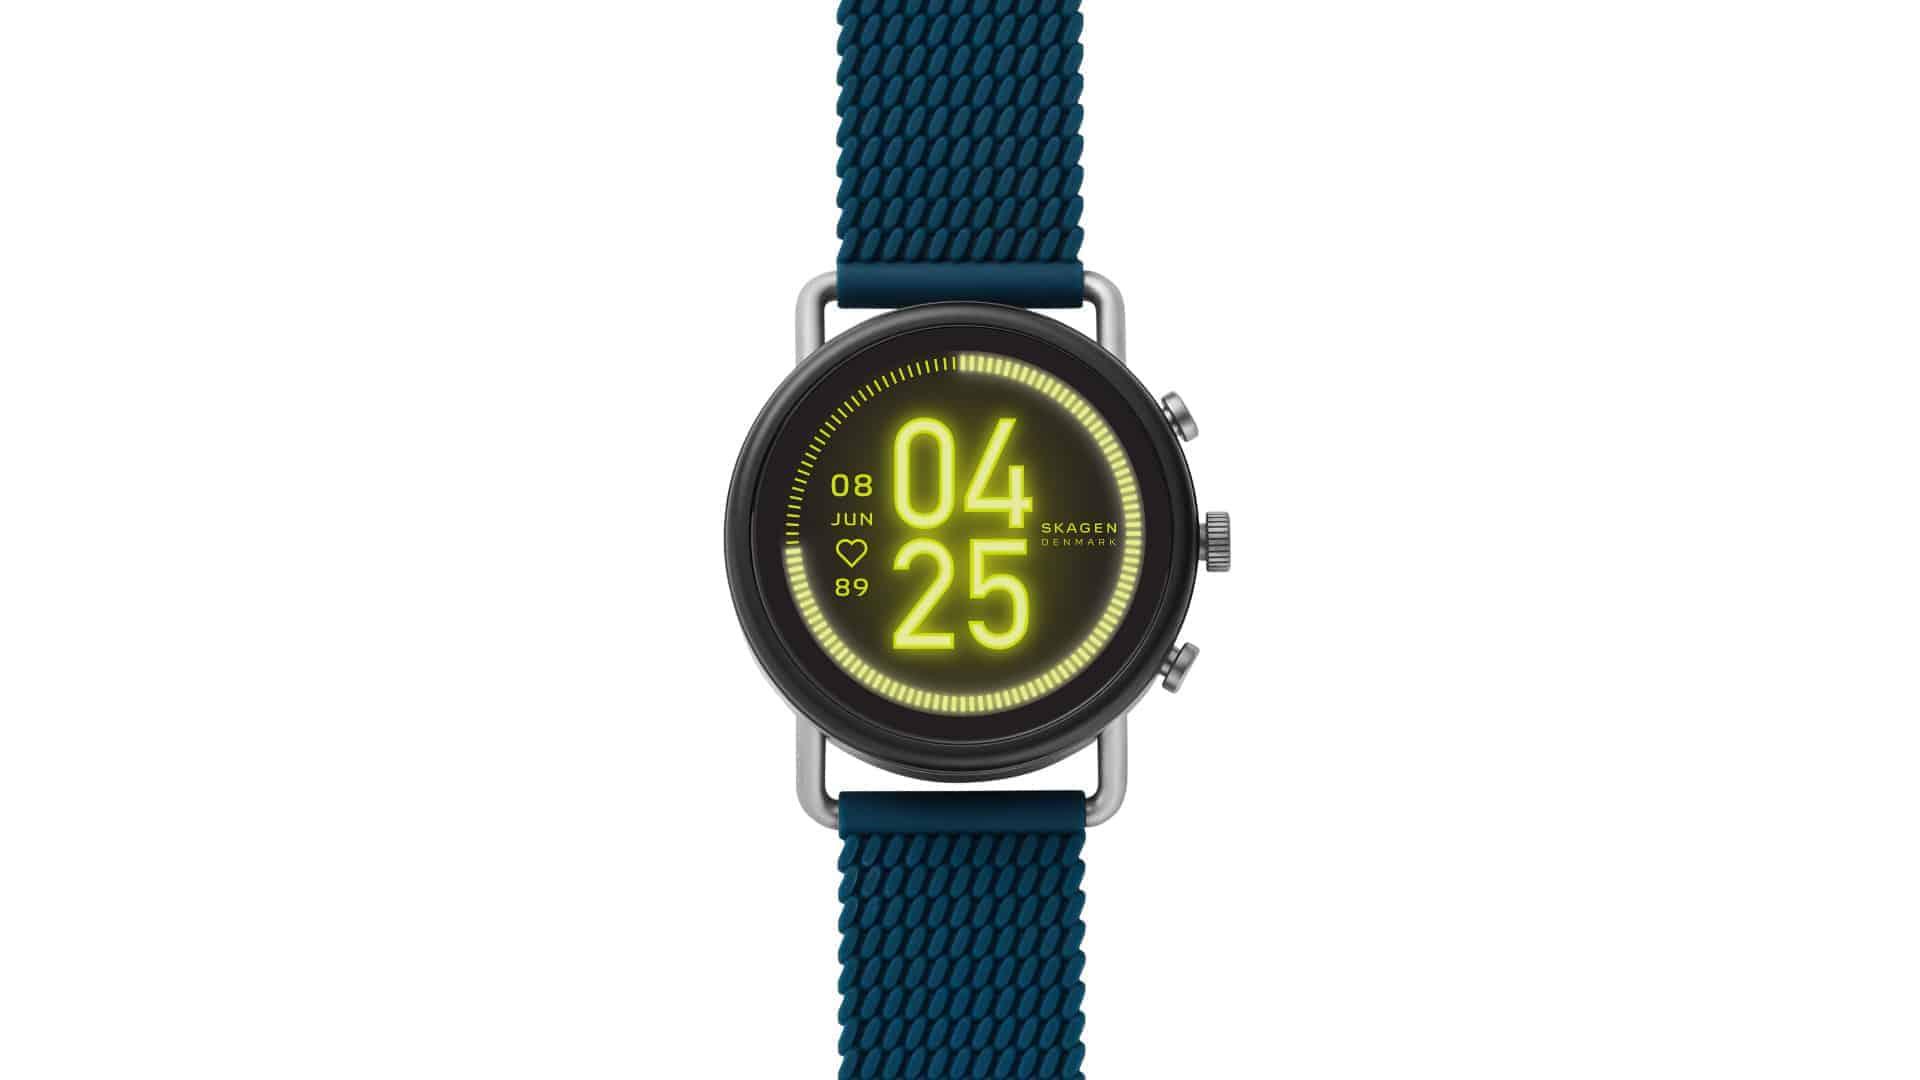 SKAGEN Falster 3 Wear OS Watch 14